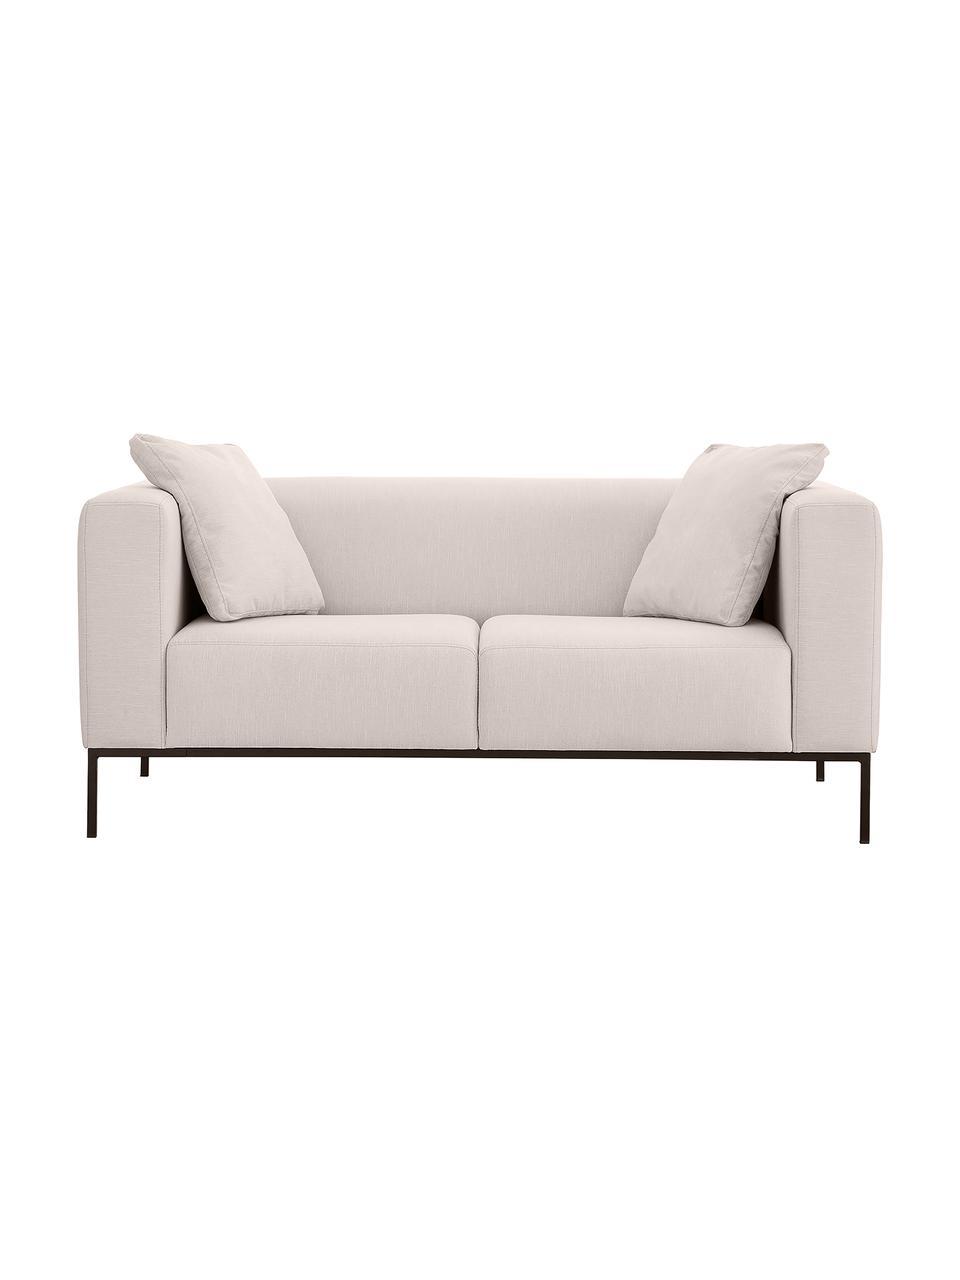 Canapé 2places gris clair Carrie, Tissu gris clair